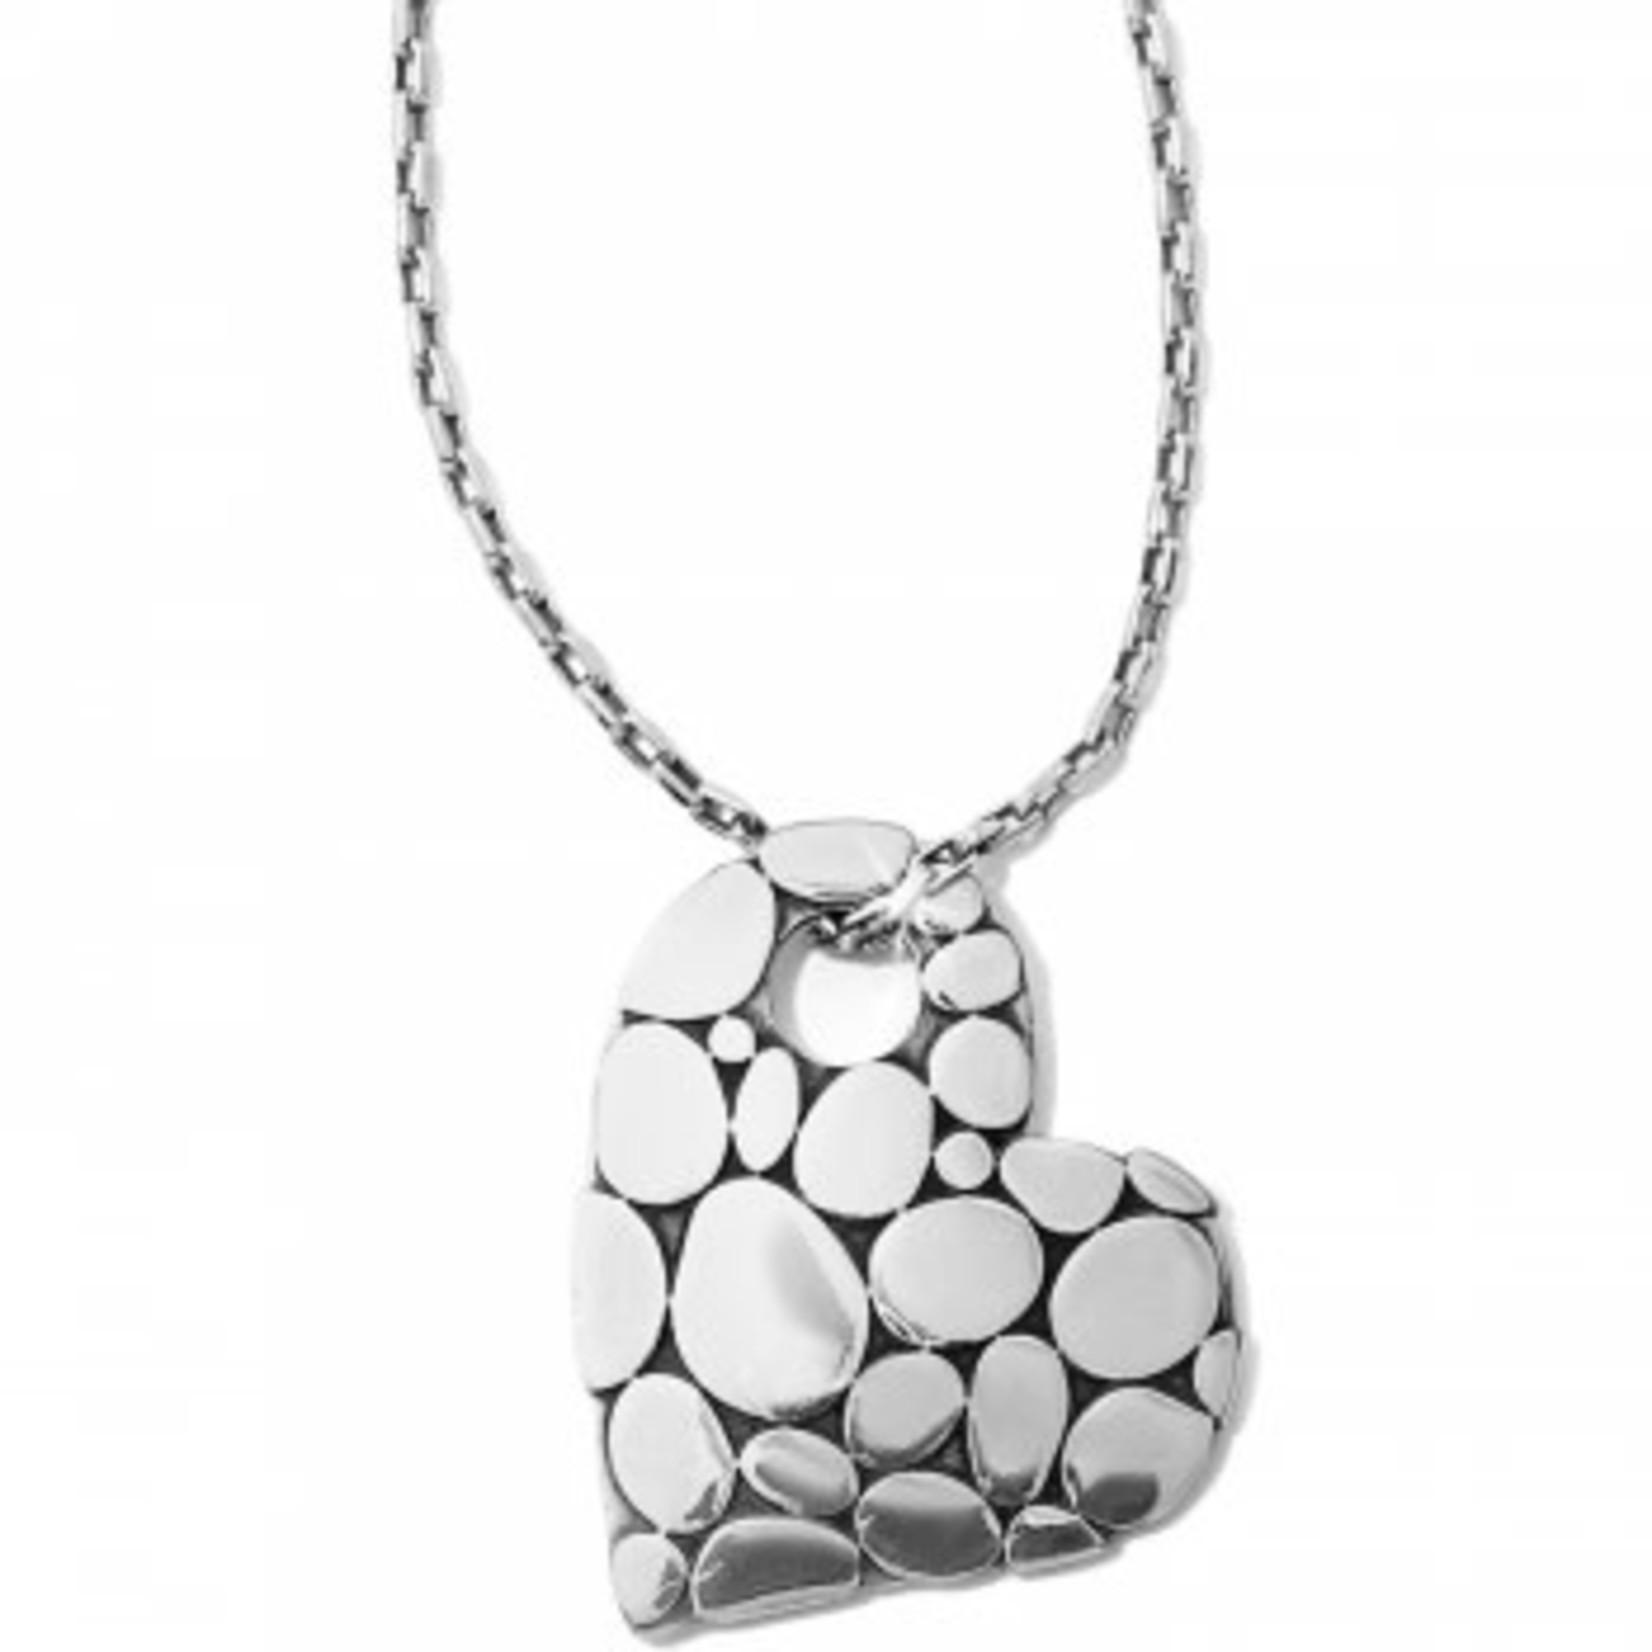 Brighton Pebble Heart Necklace